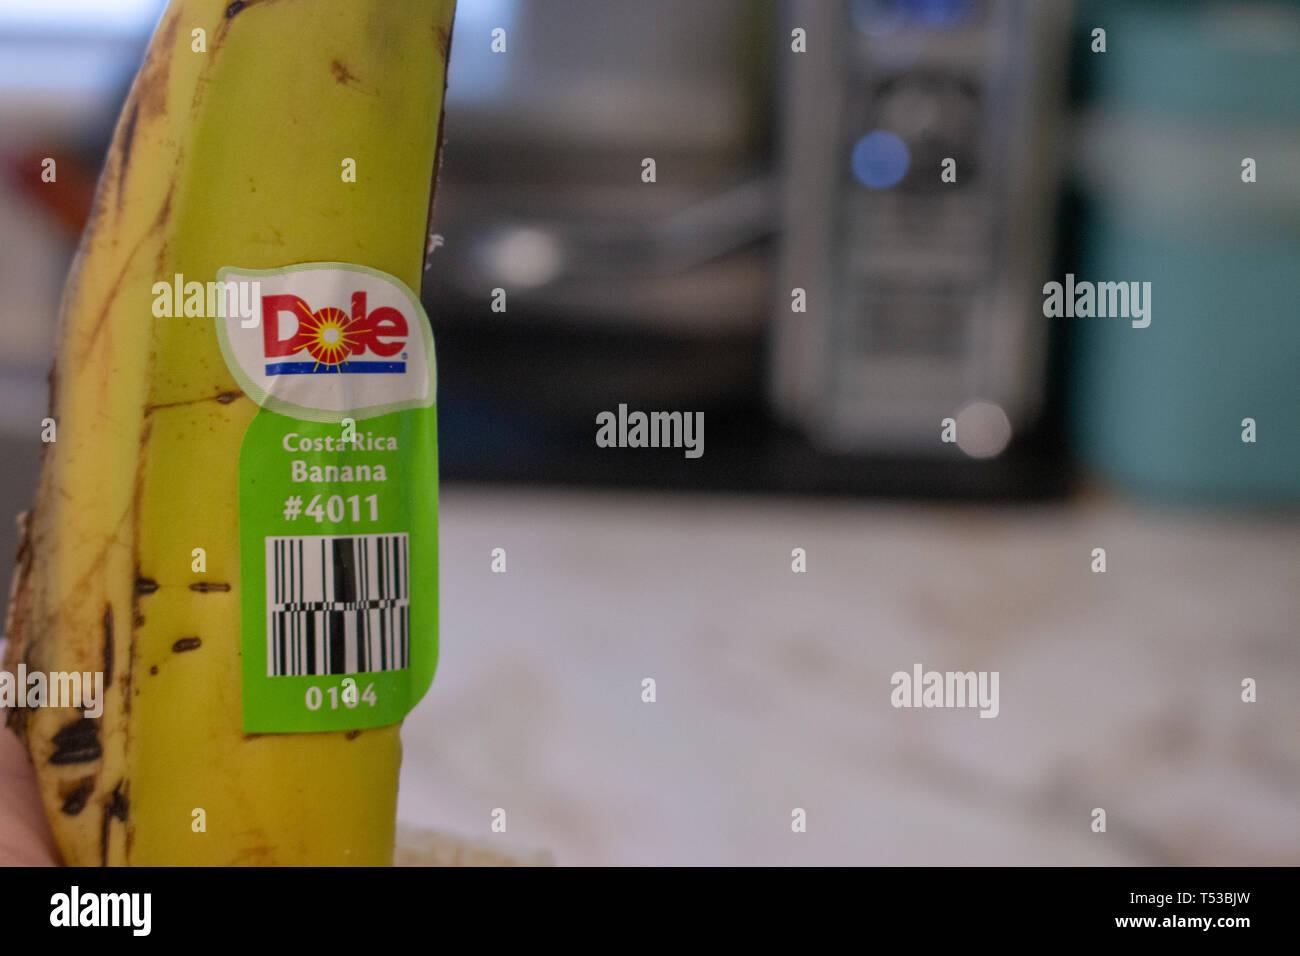 London Canada, 20 avril 2019: Editorial photo d'illustration d'une peau de banane qui a un autocollant Dole banane du Costa Rica. Costa Rica Photo Stock